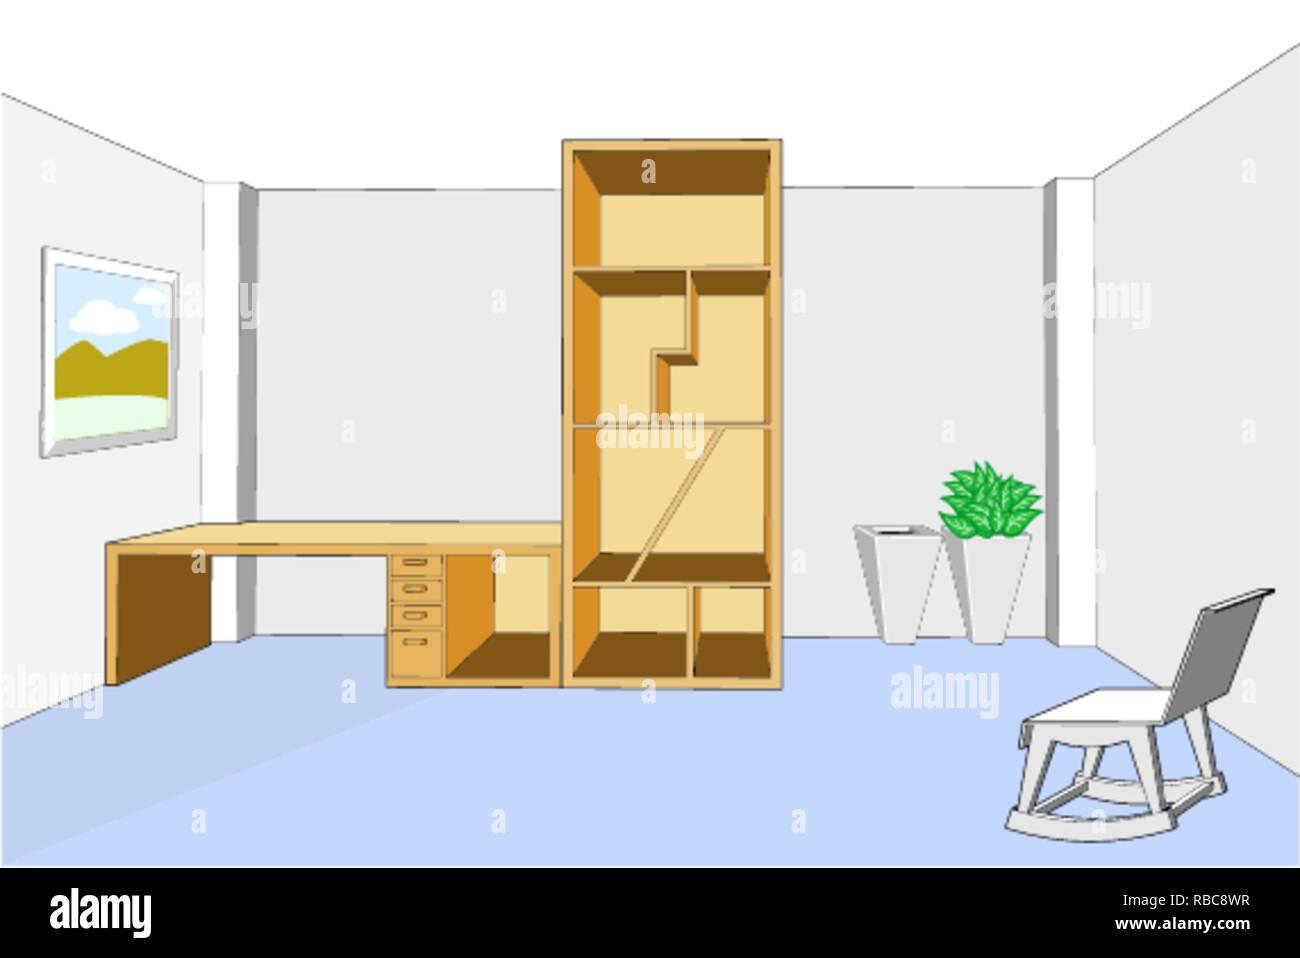 Chambre A Coucher Avec Des Meubles Design D Interieur Lit Armoire